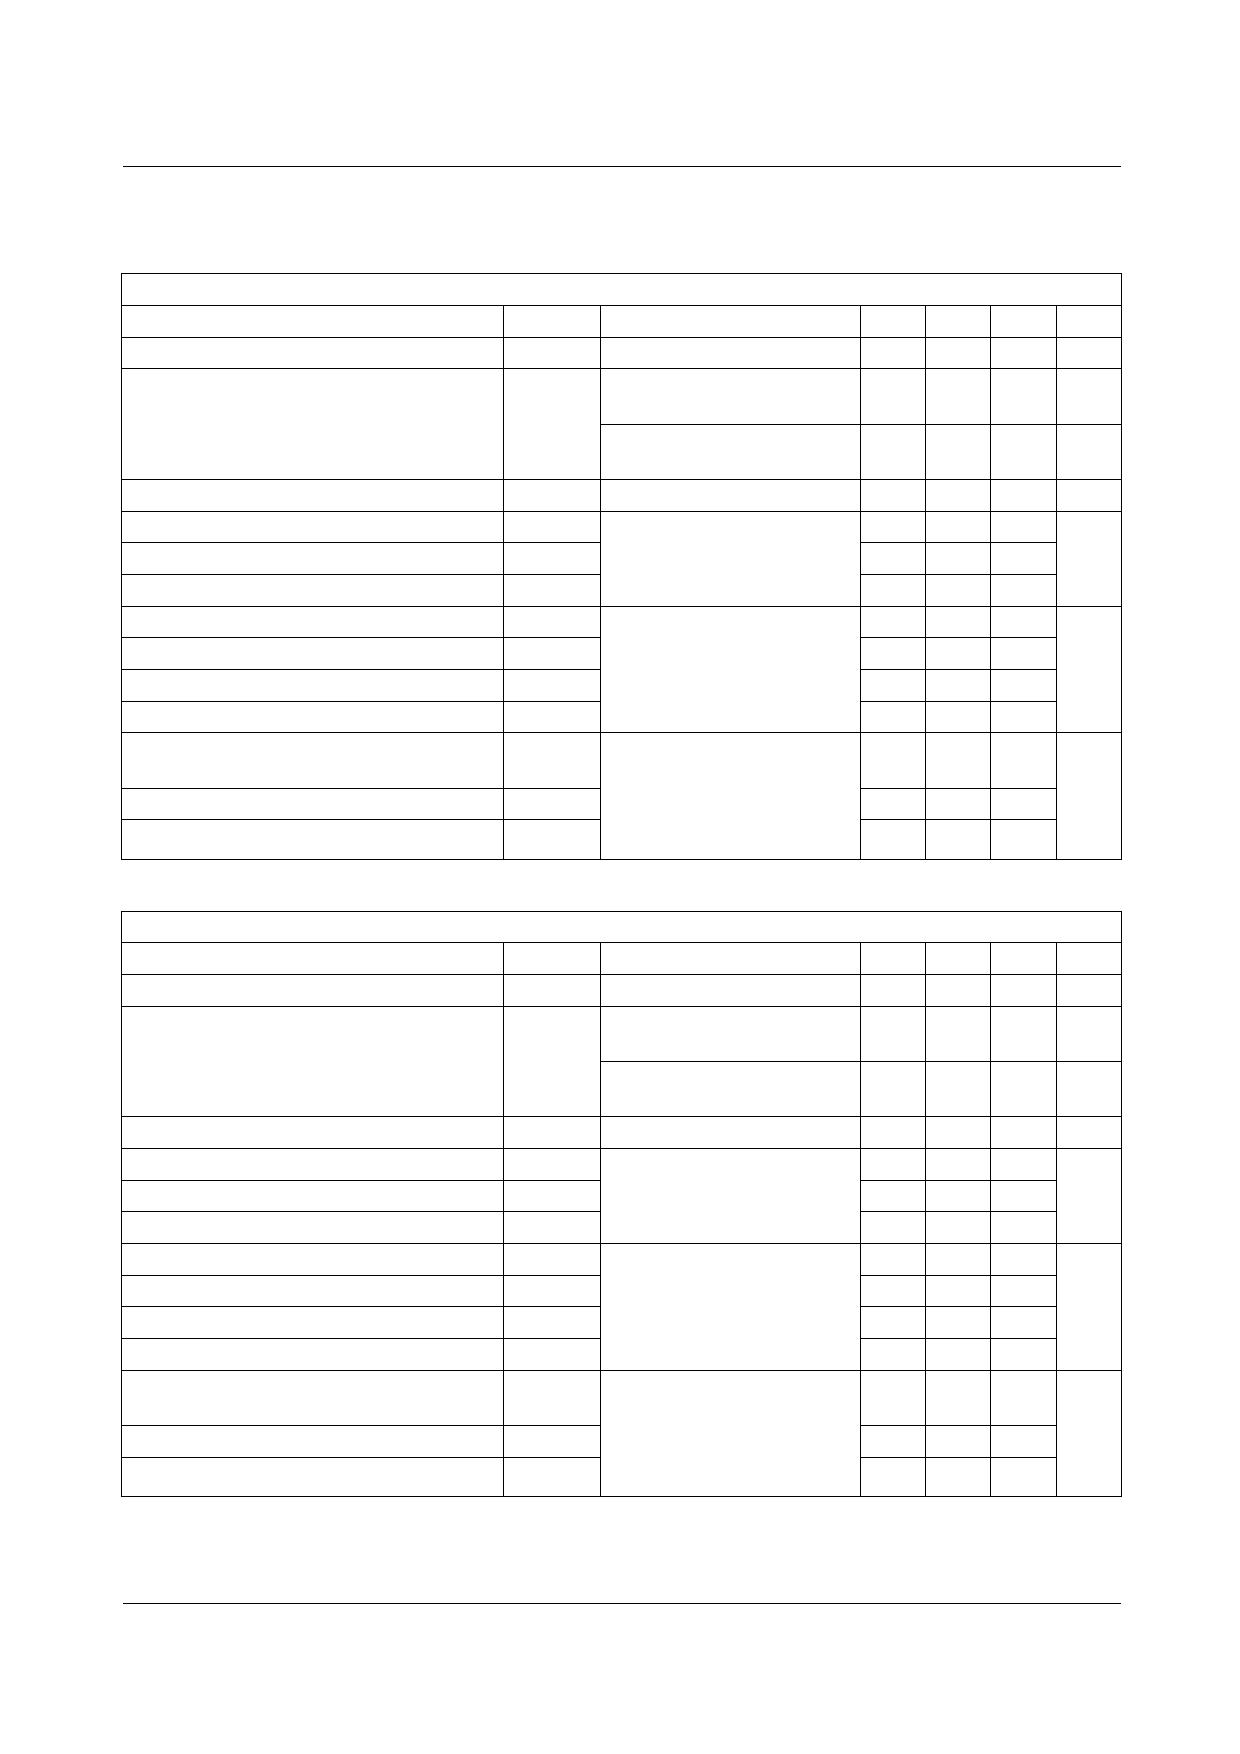 FS7M0680YDTU pdf